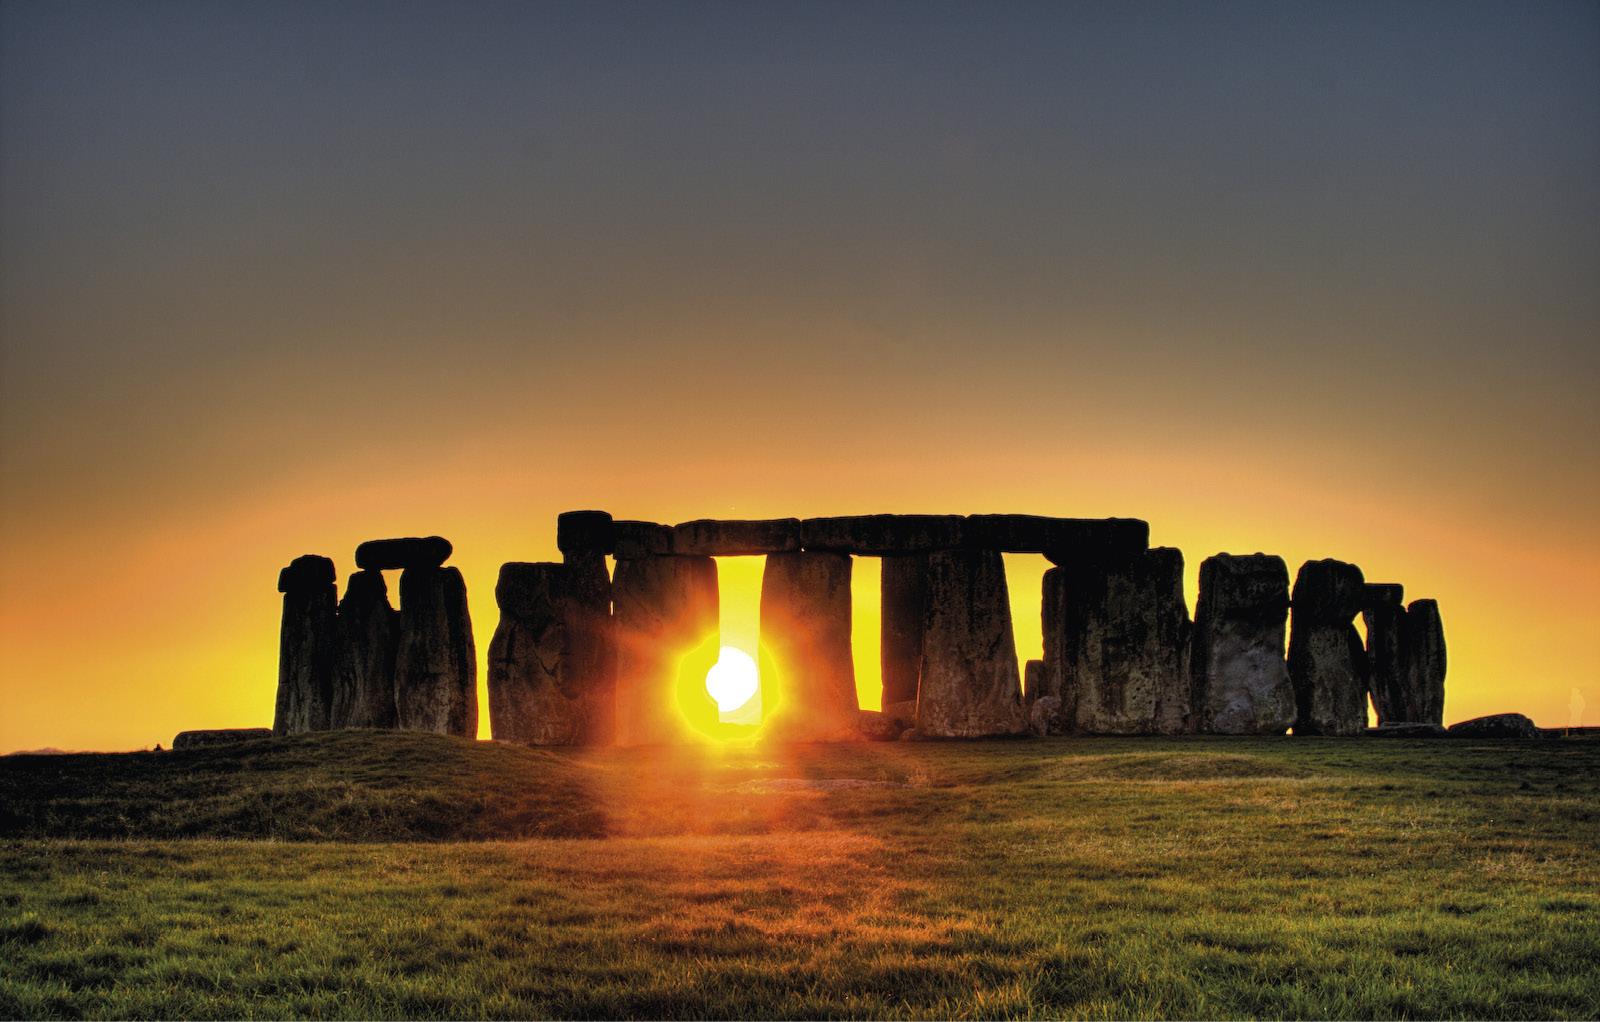 Nascer do sol, no solstício de inverno, em Stonehenge. Stonehenge é uma estrutura formada por círculos concêntricos de pedras, que chegam a ter 5 m de altura e a pesar quase 50 toneladas, existente desde 3100 a.C.. As teorias atuais a respeito da finalidade de Stonehenge sugerem o uso simultâneo para observações astronómicas e funções religiosas. Em Portugal, existe uma estrutura semelhante, perto de èvora, o cromeleque dos Almendres.